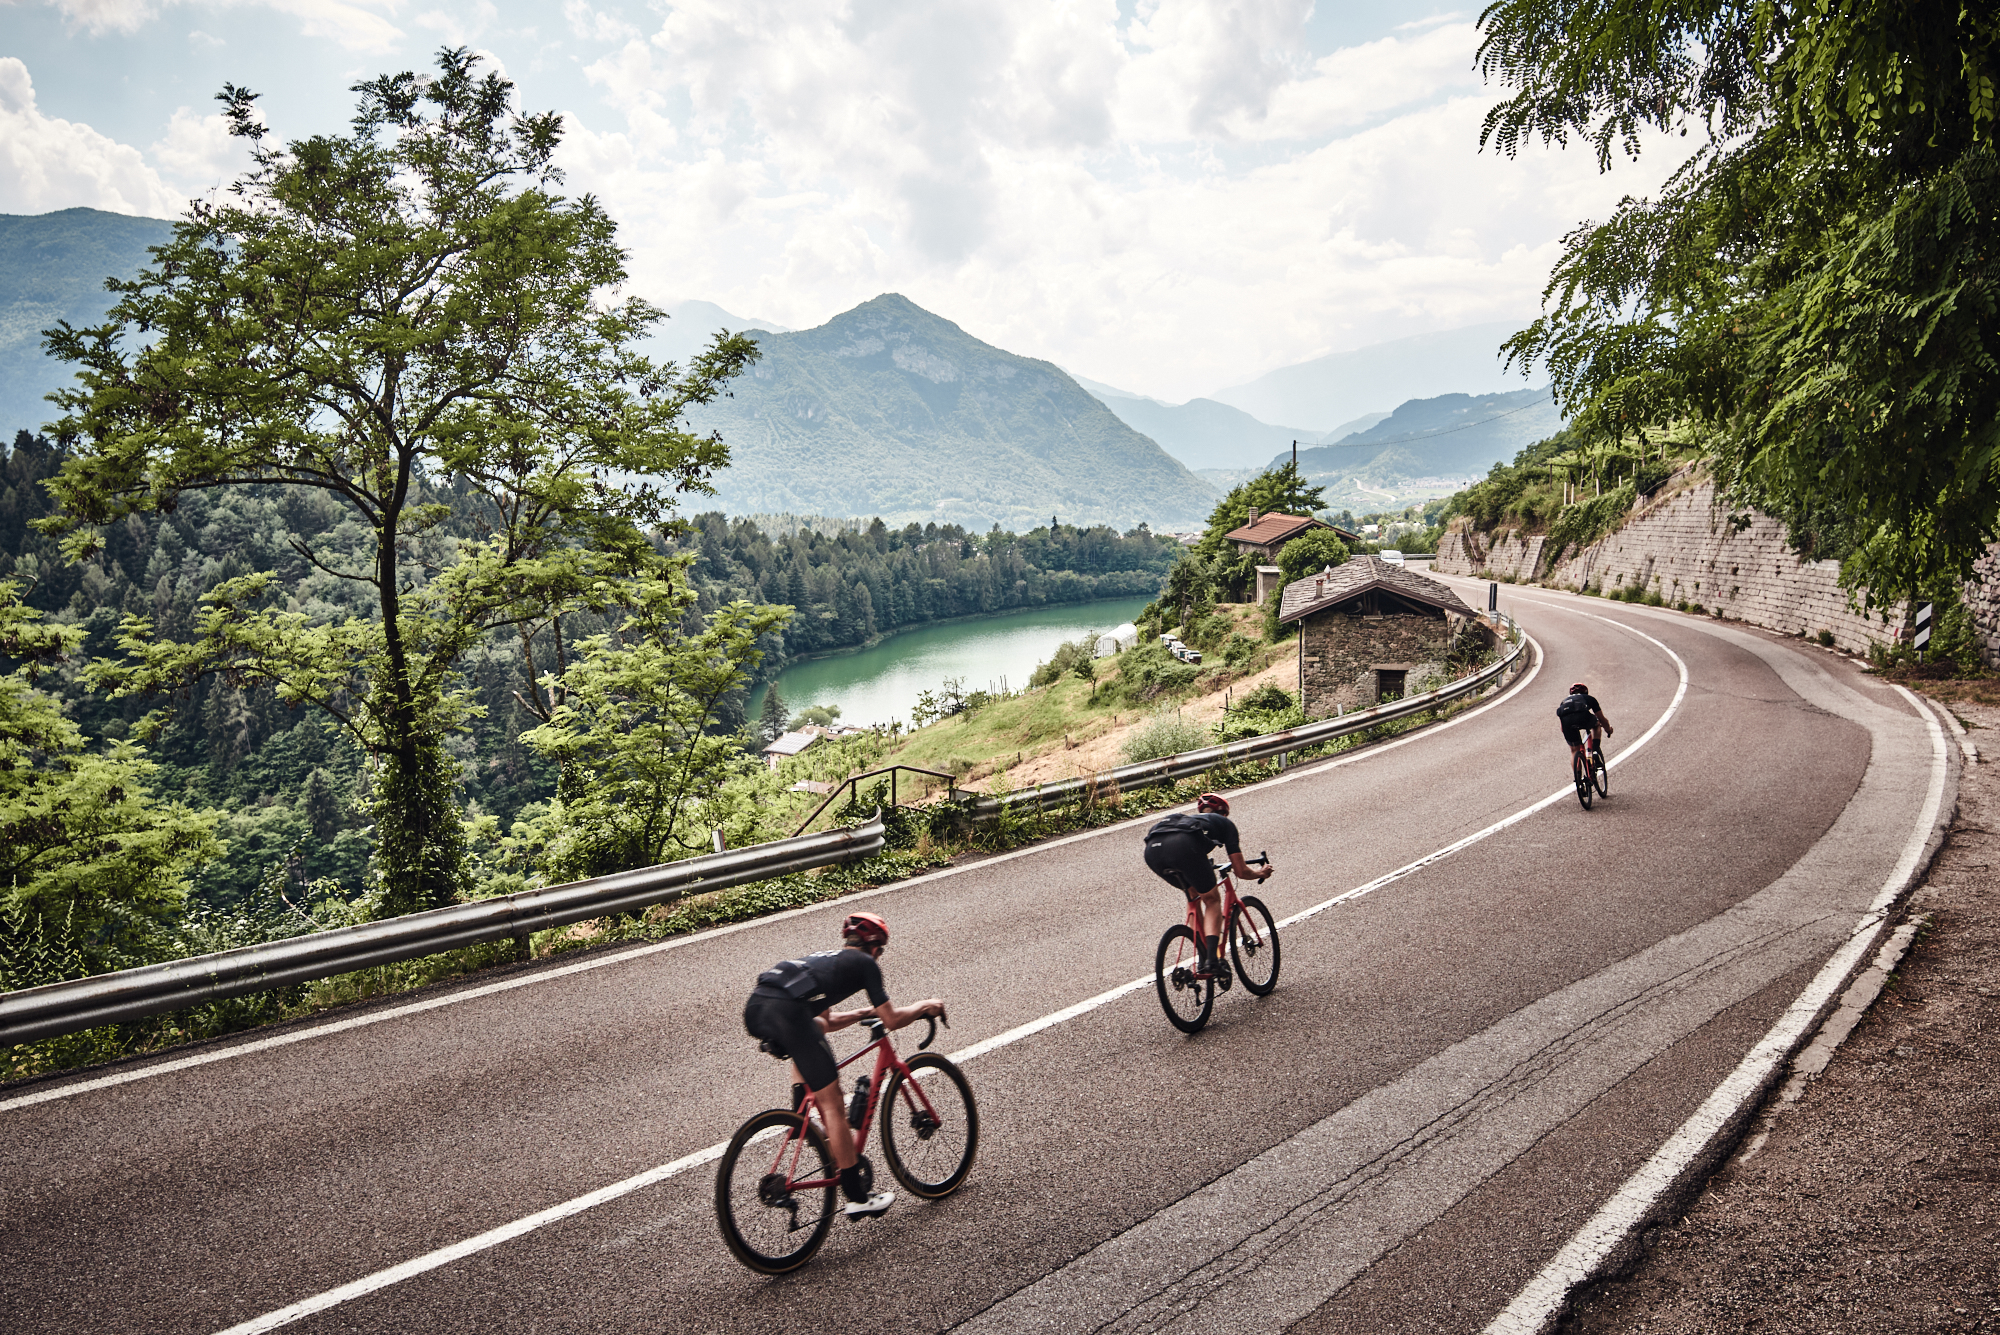 Reschabek-Bjoern_Rad-Race_TdF-Testride-2018_BRE5597.jpg